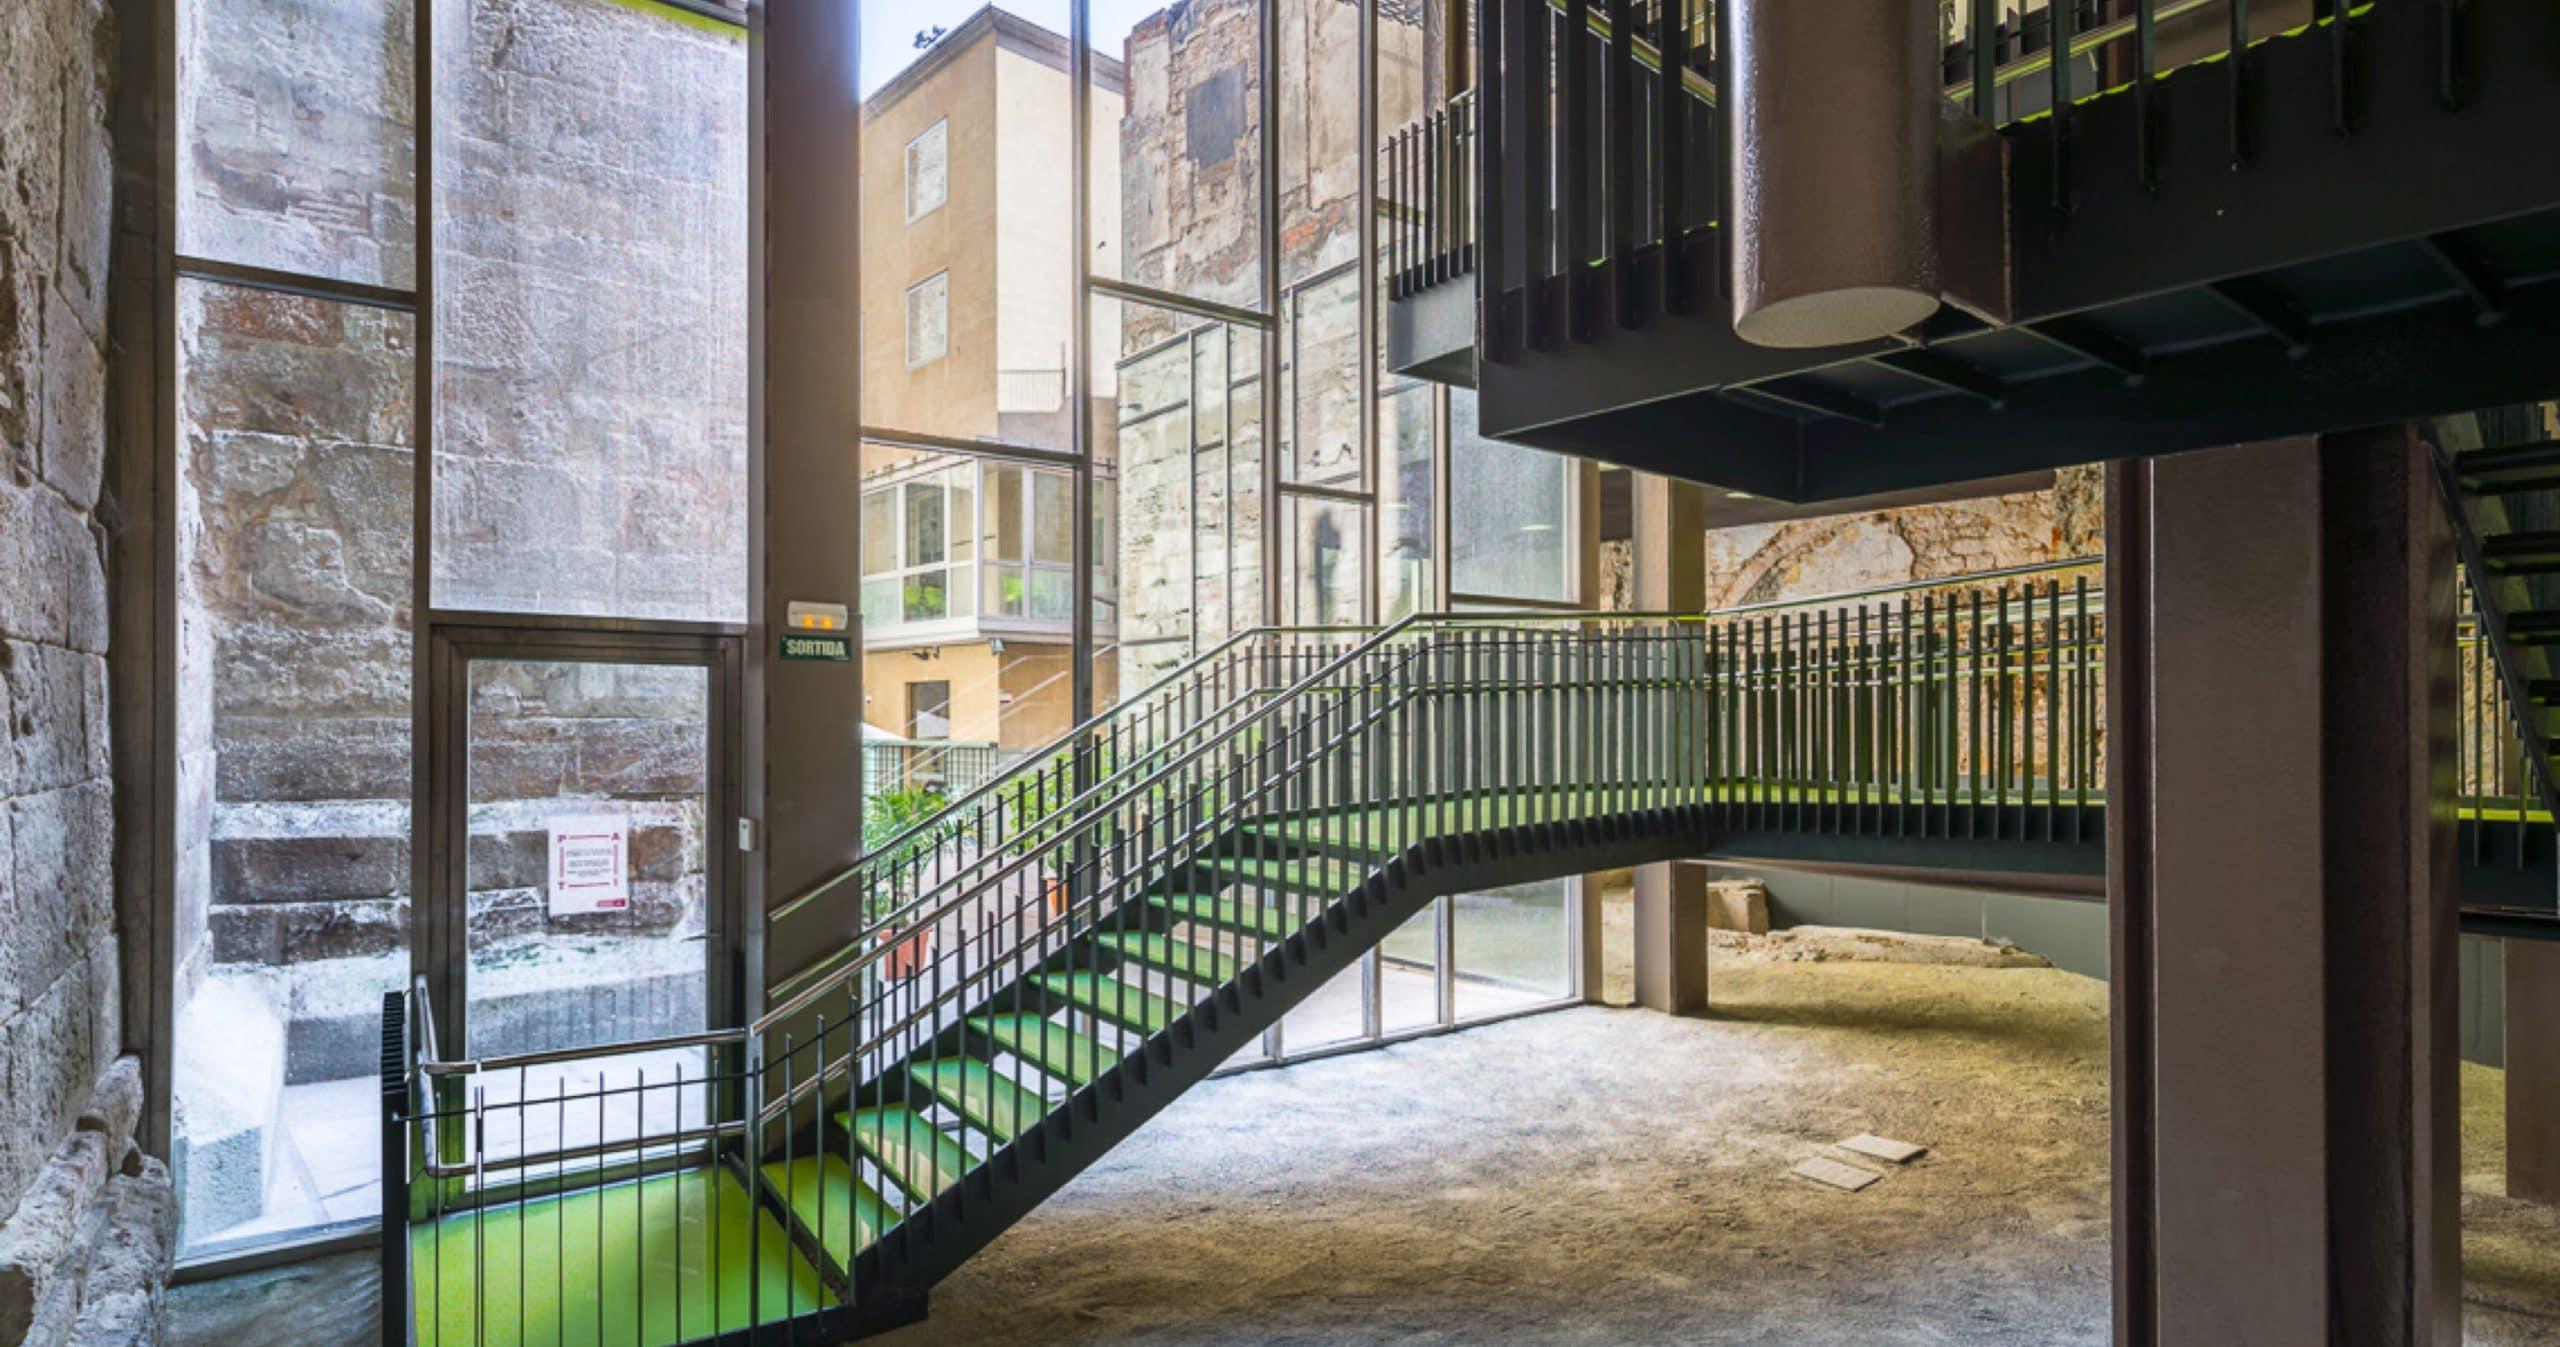 Arquitectura corporativa en Barcelona por 2345 Arquitectes Centre Cívic Pati Llimona | 23:45 Arquitectes